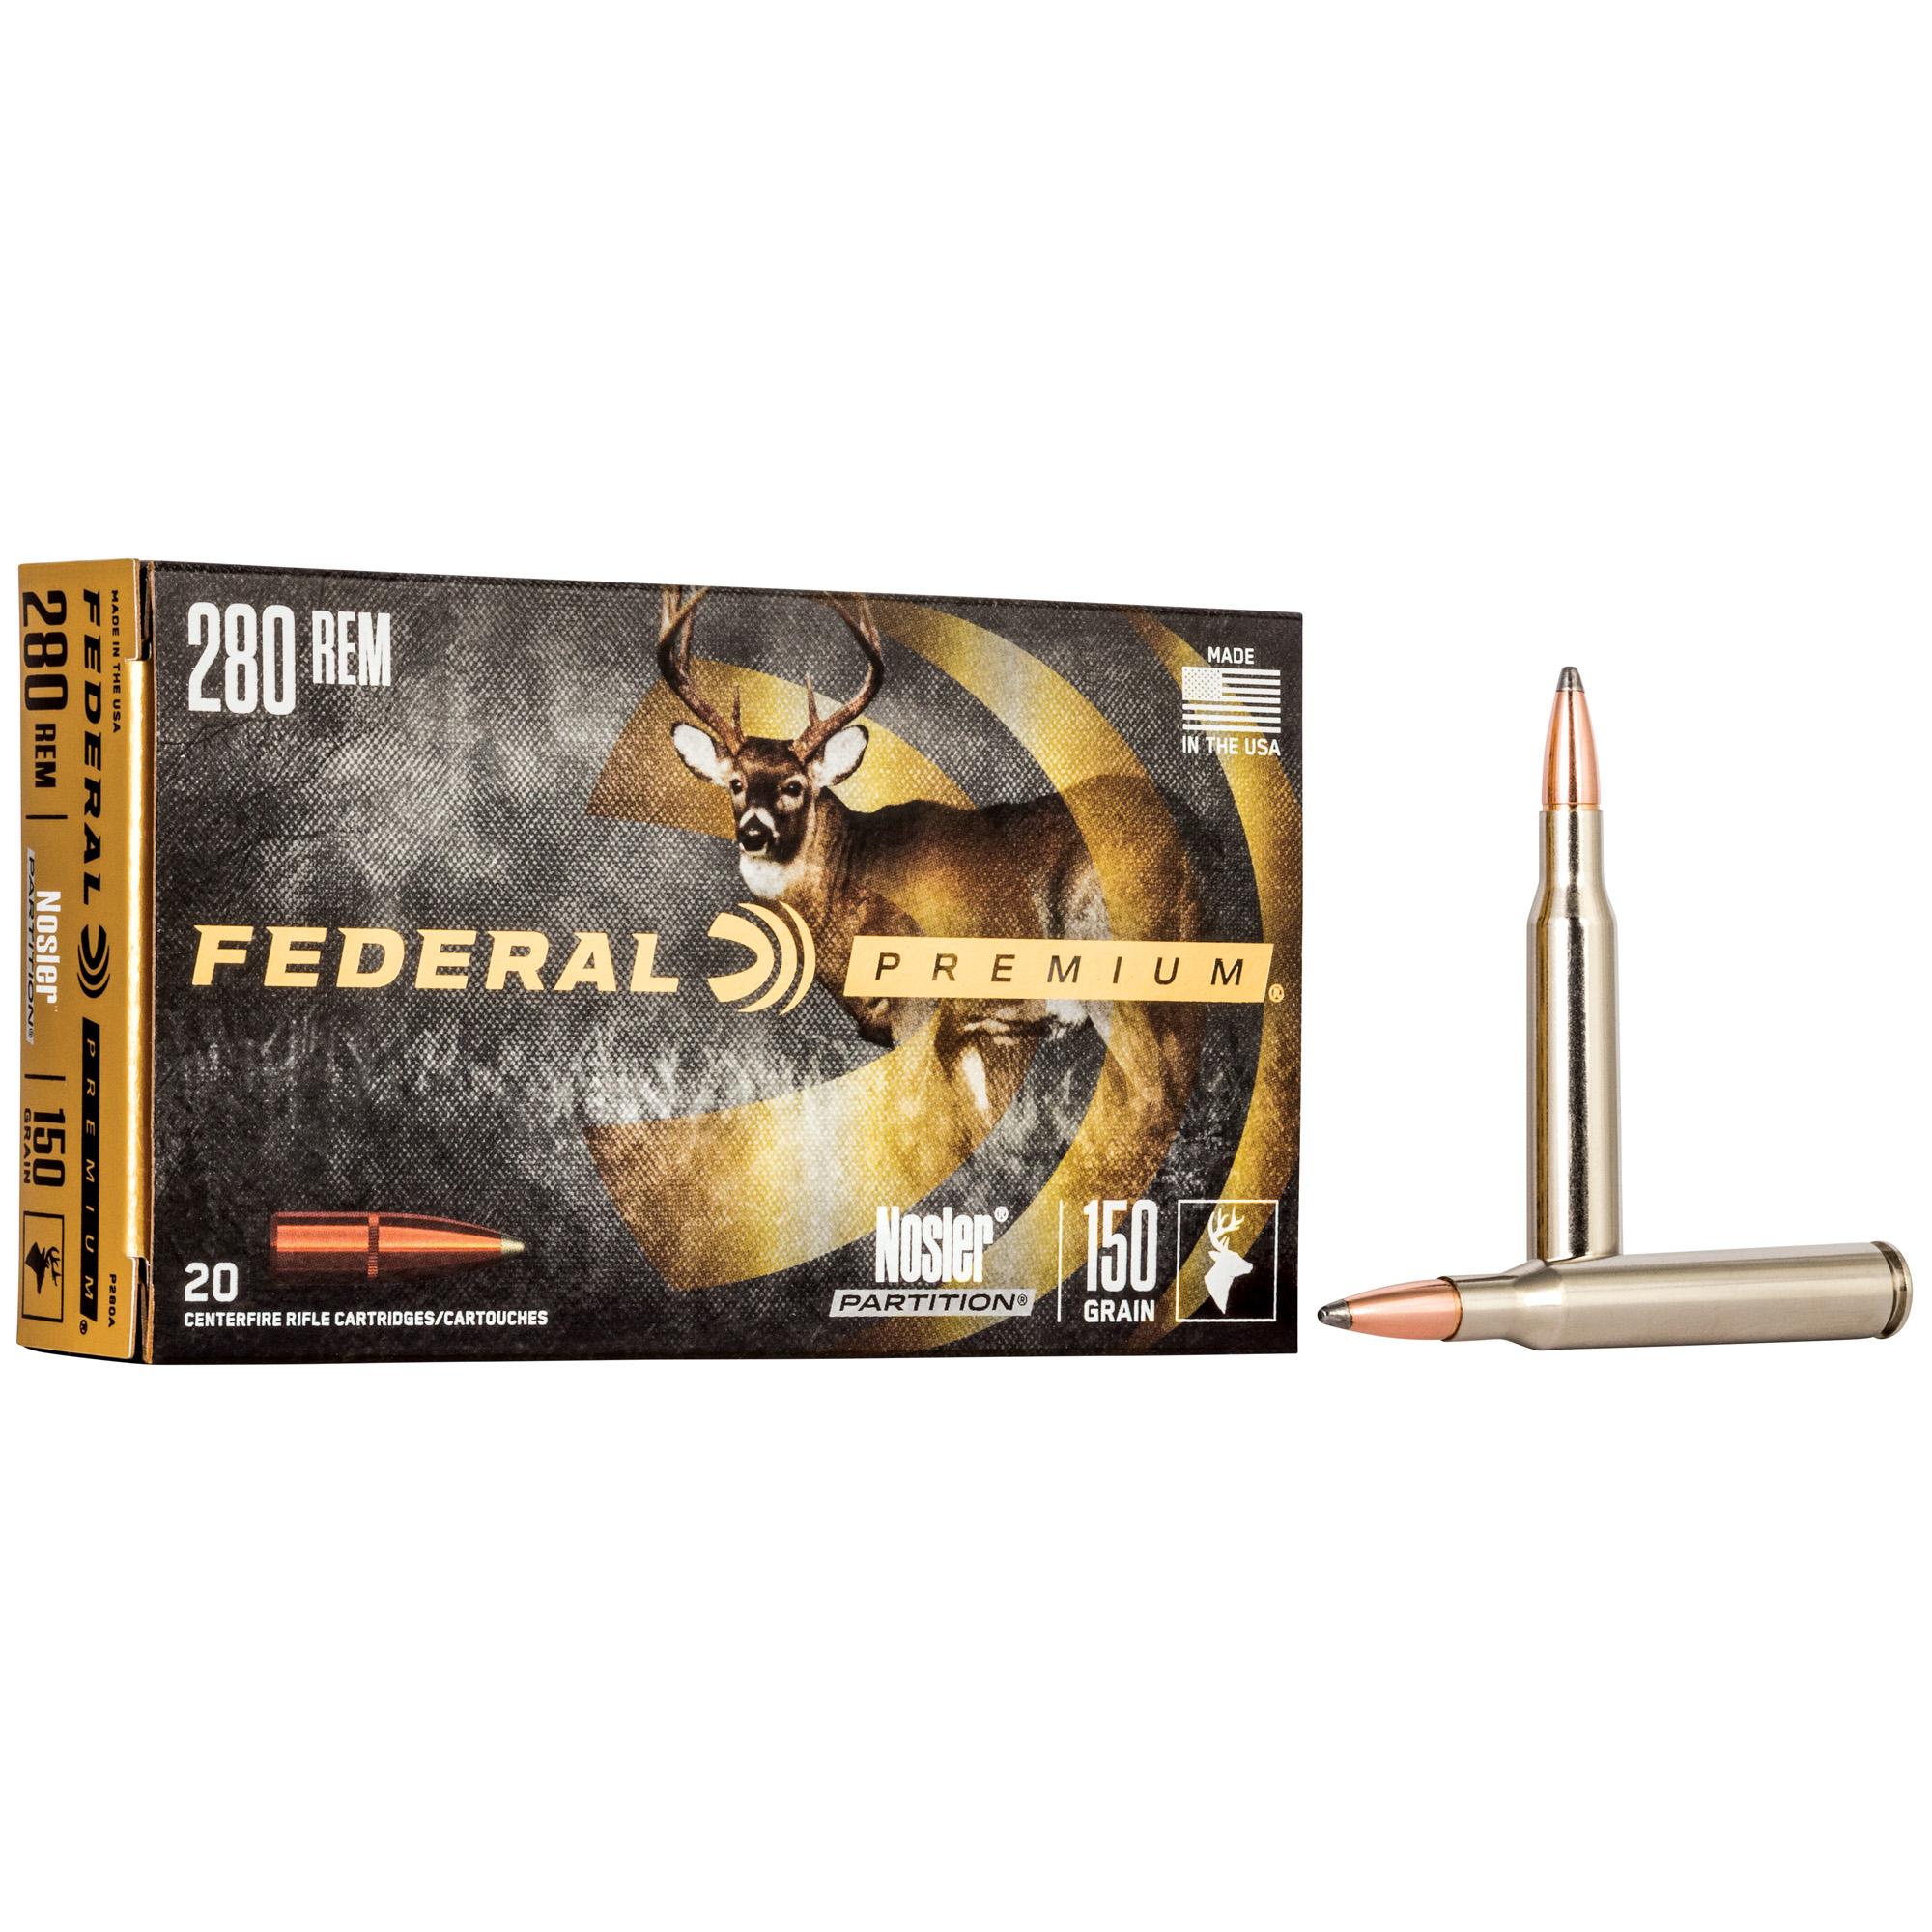 Fed Prm 280rem 150gr Np 20/200